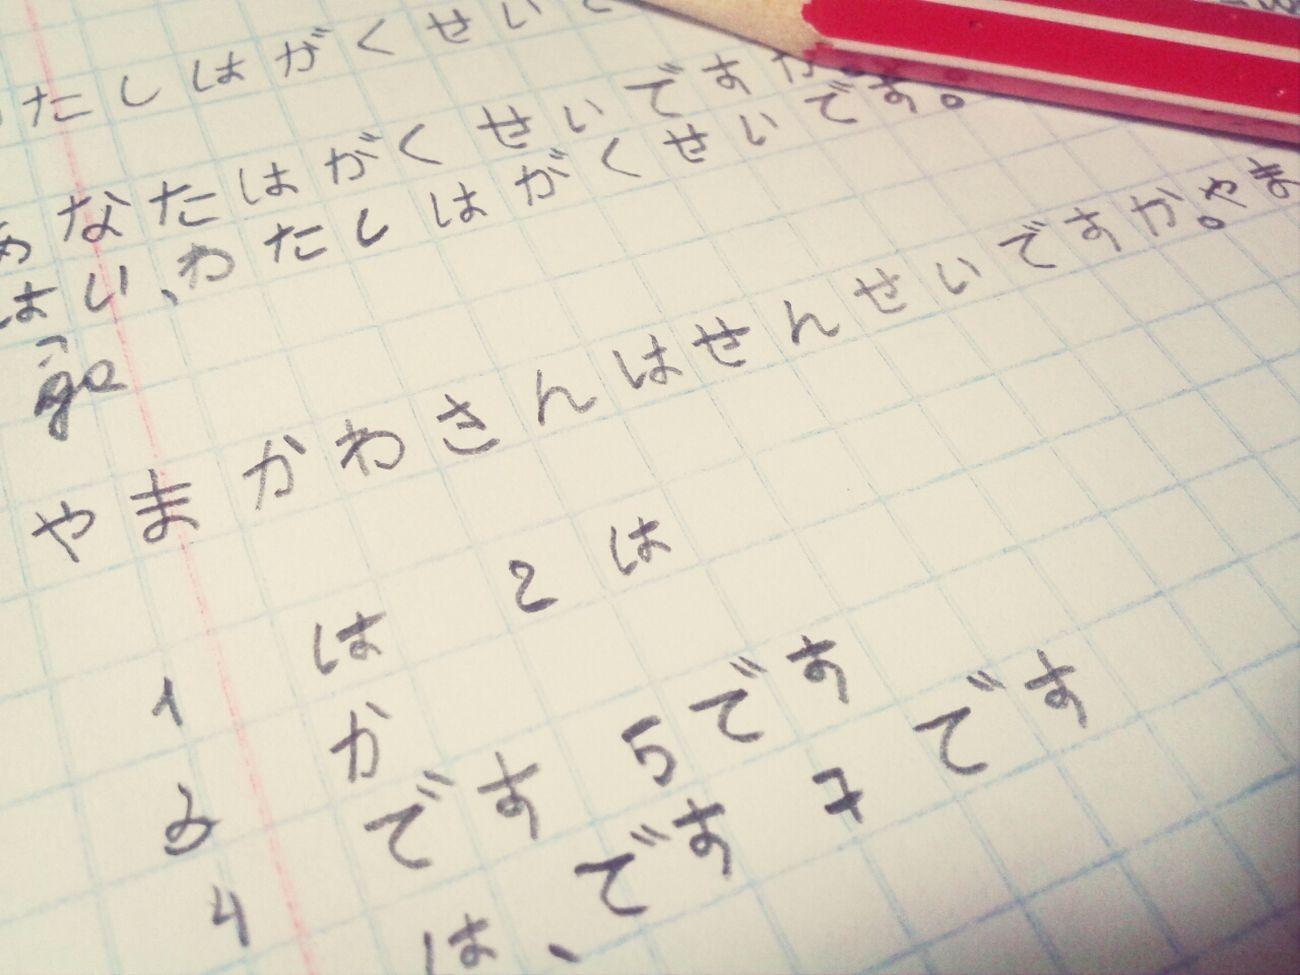 Japanese  Studying Hard Day 2